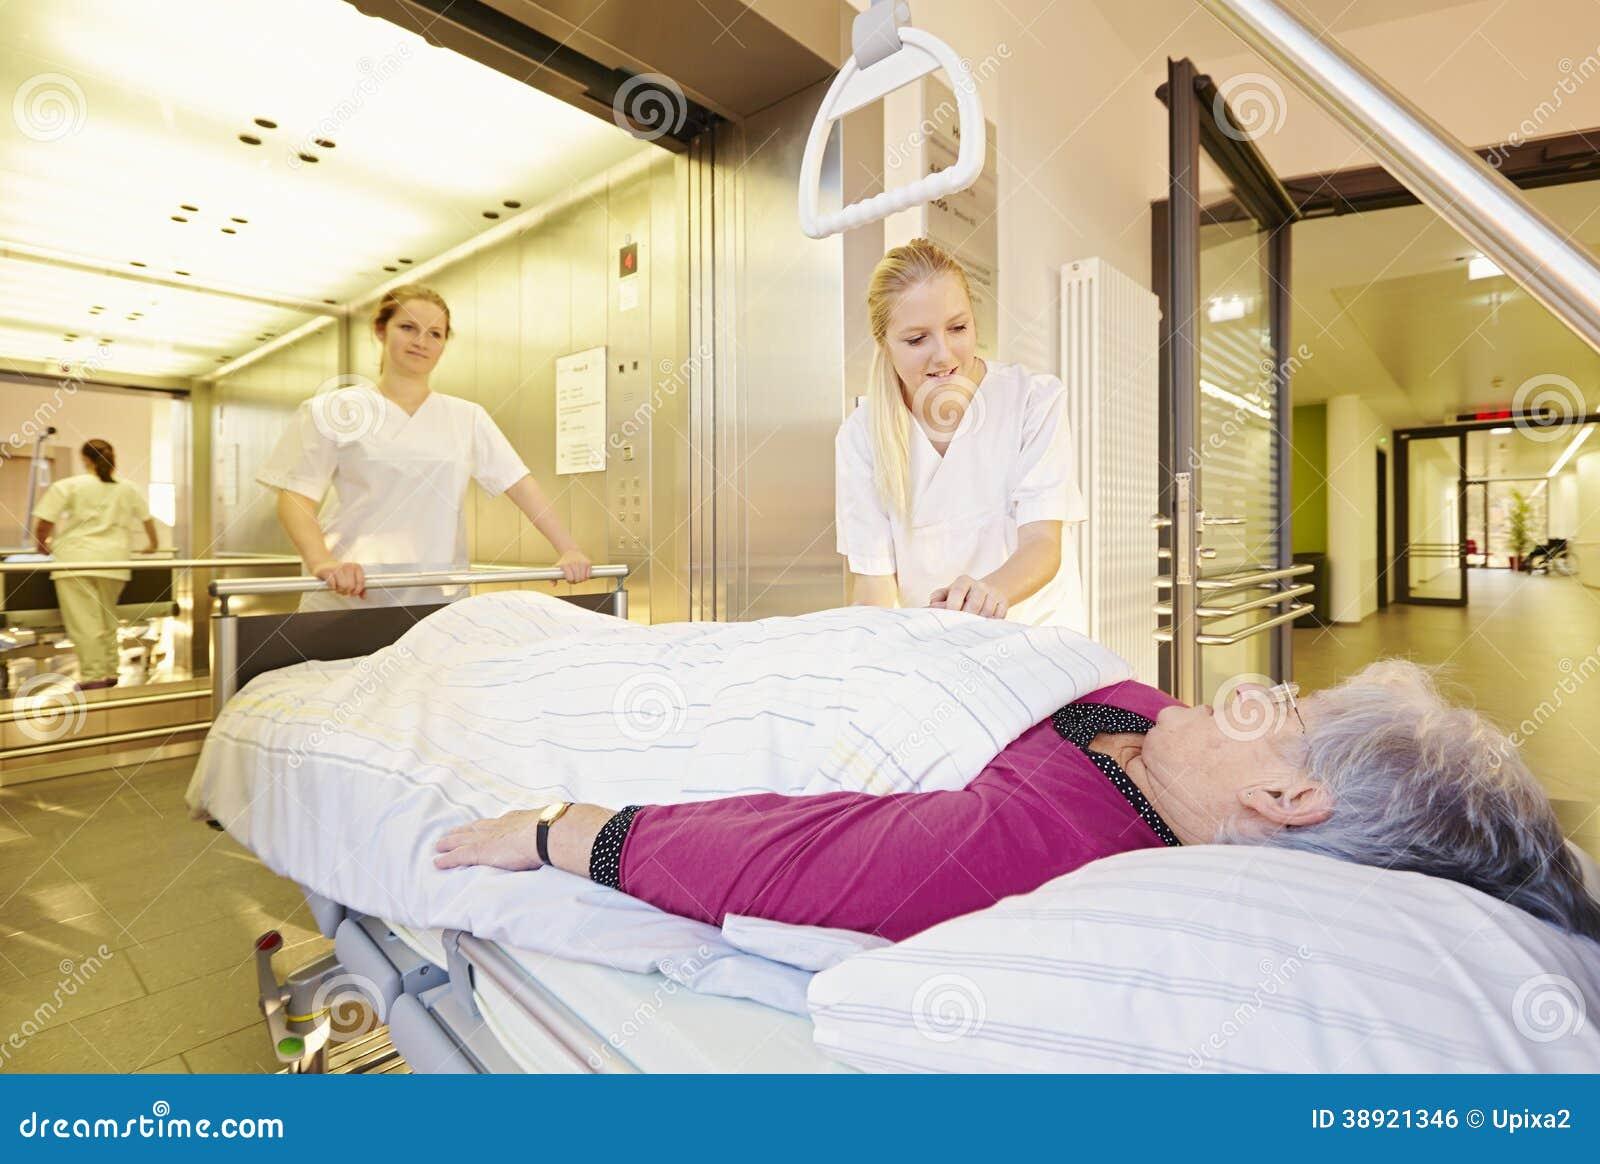 Soigne l ascenseur patient de lit d hôpital